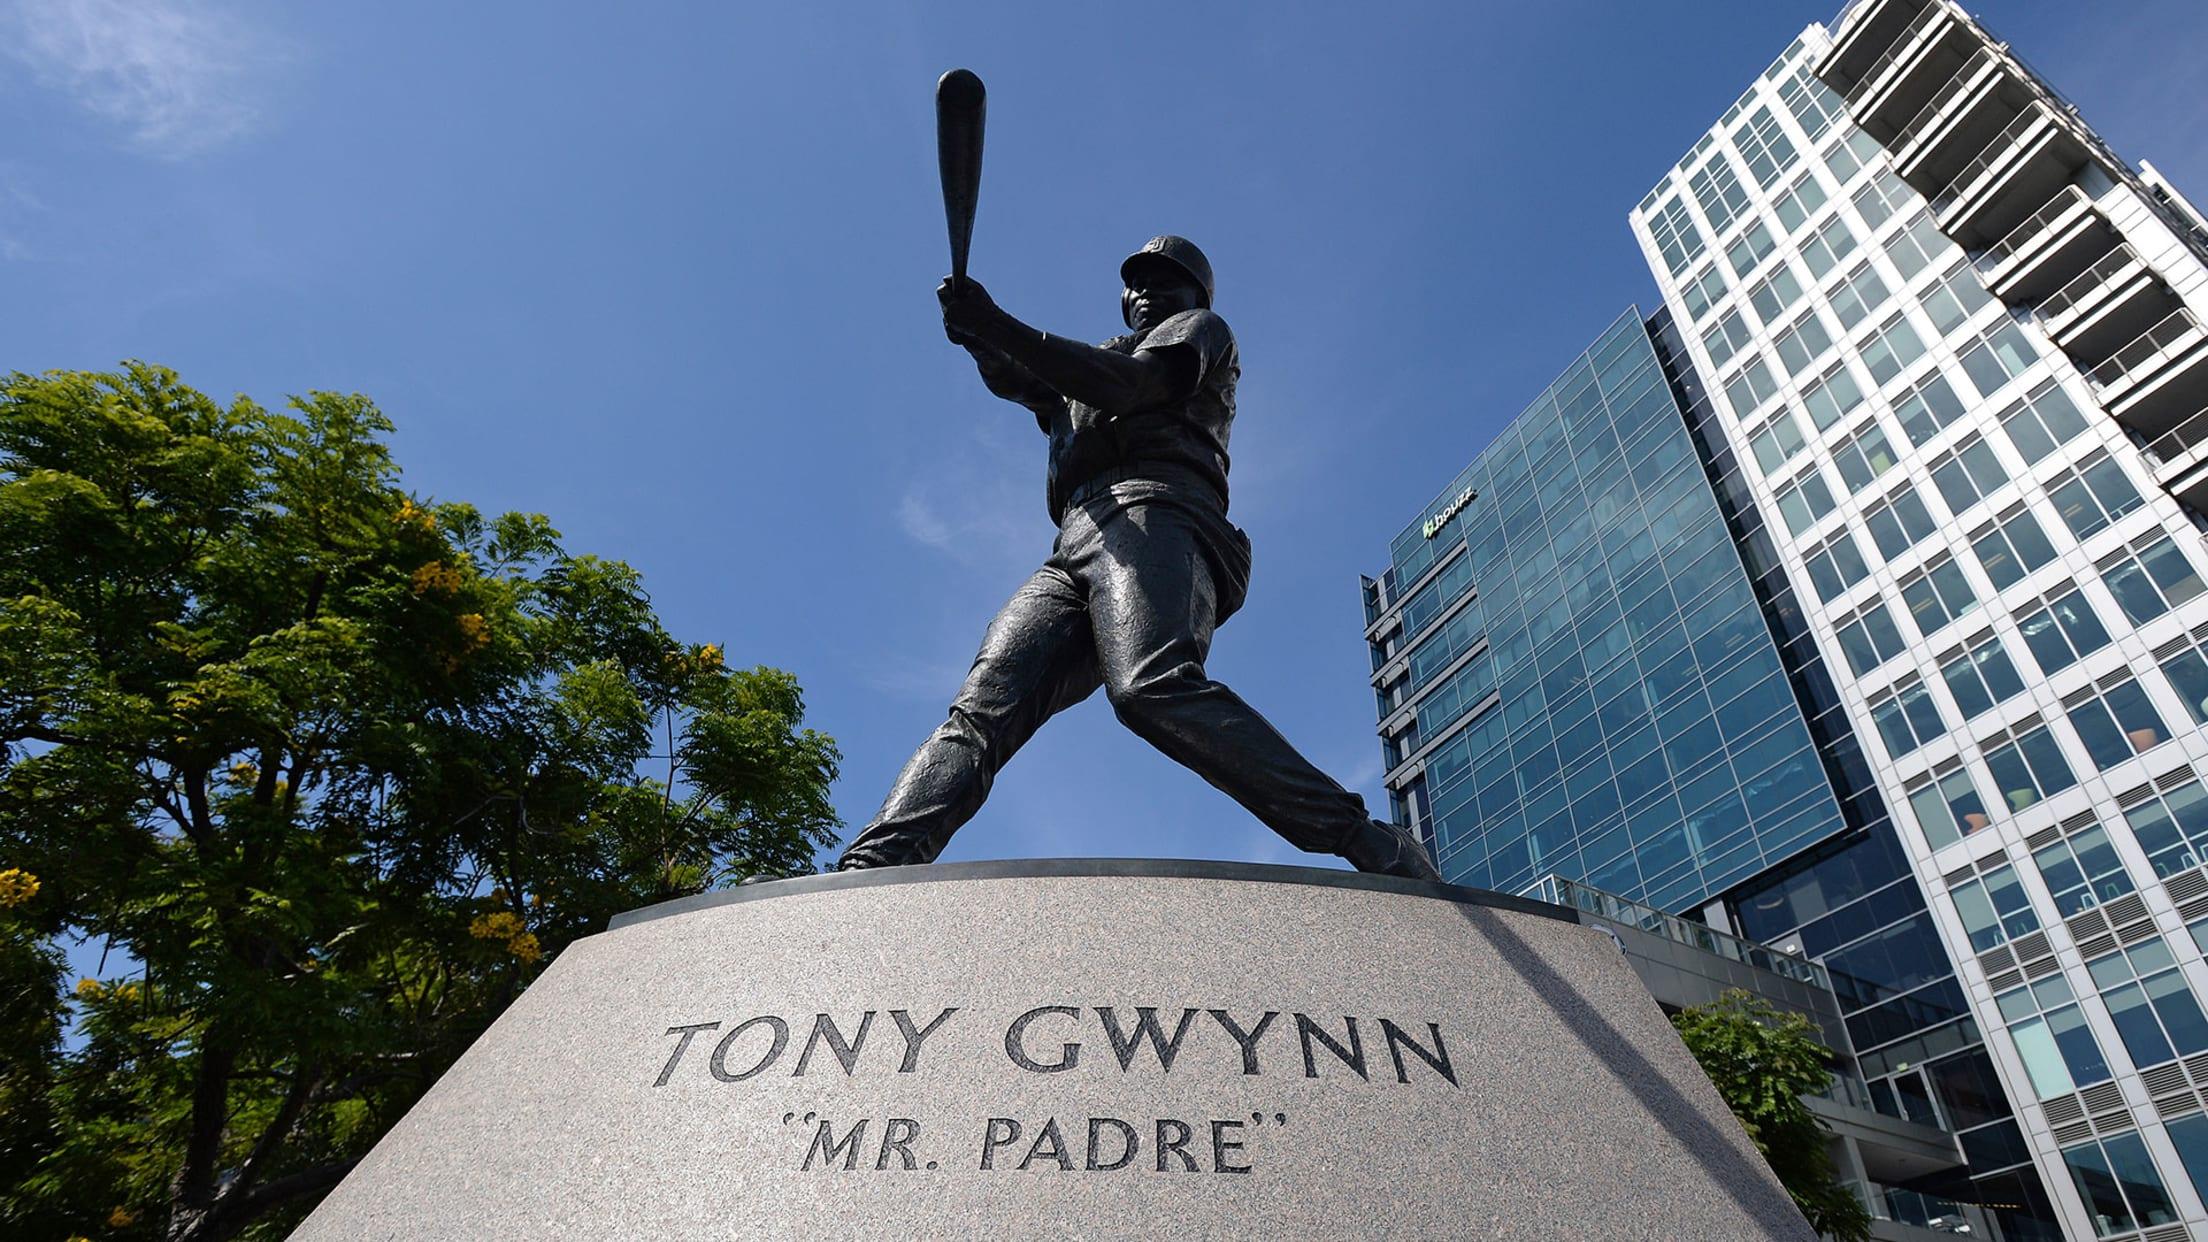 gwynn_tony_statue_1920